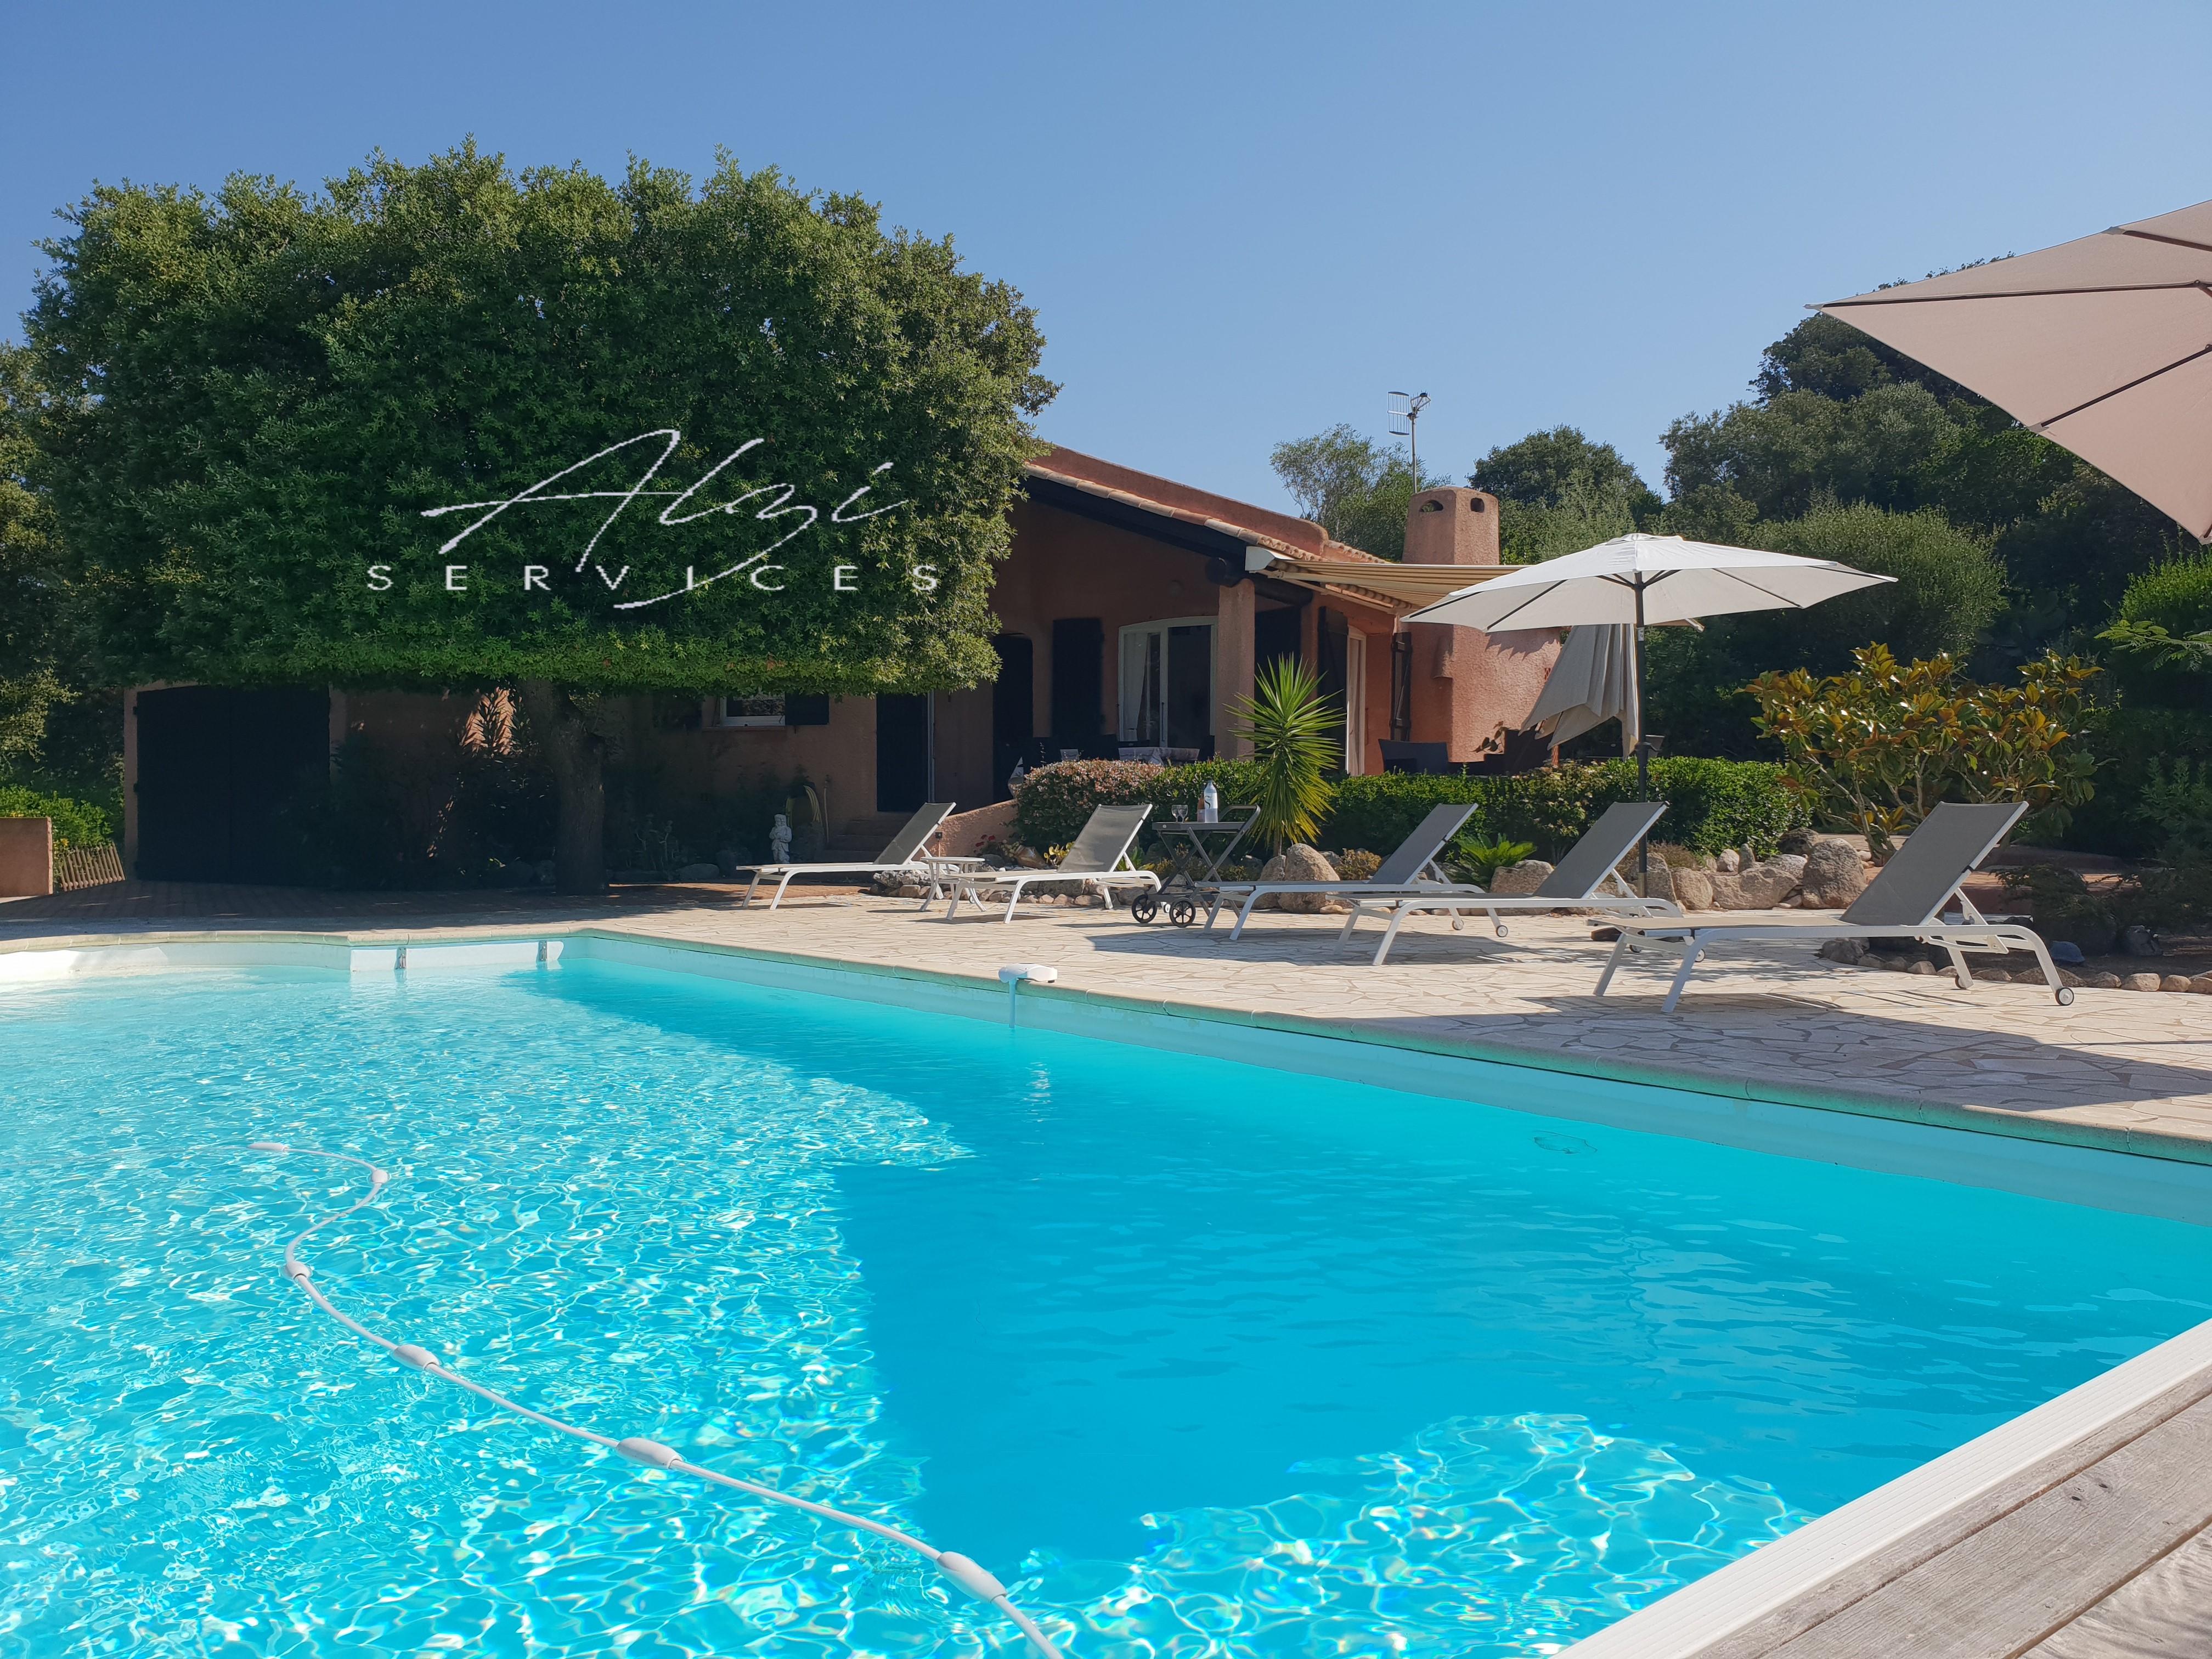 Filtre Piscine Lave Vaisselle alzi services location villa avec piscine domaine privé de